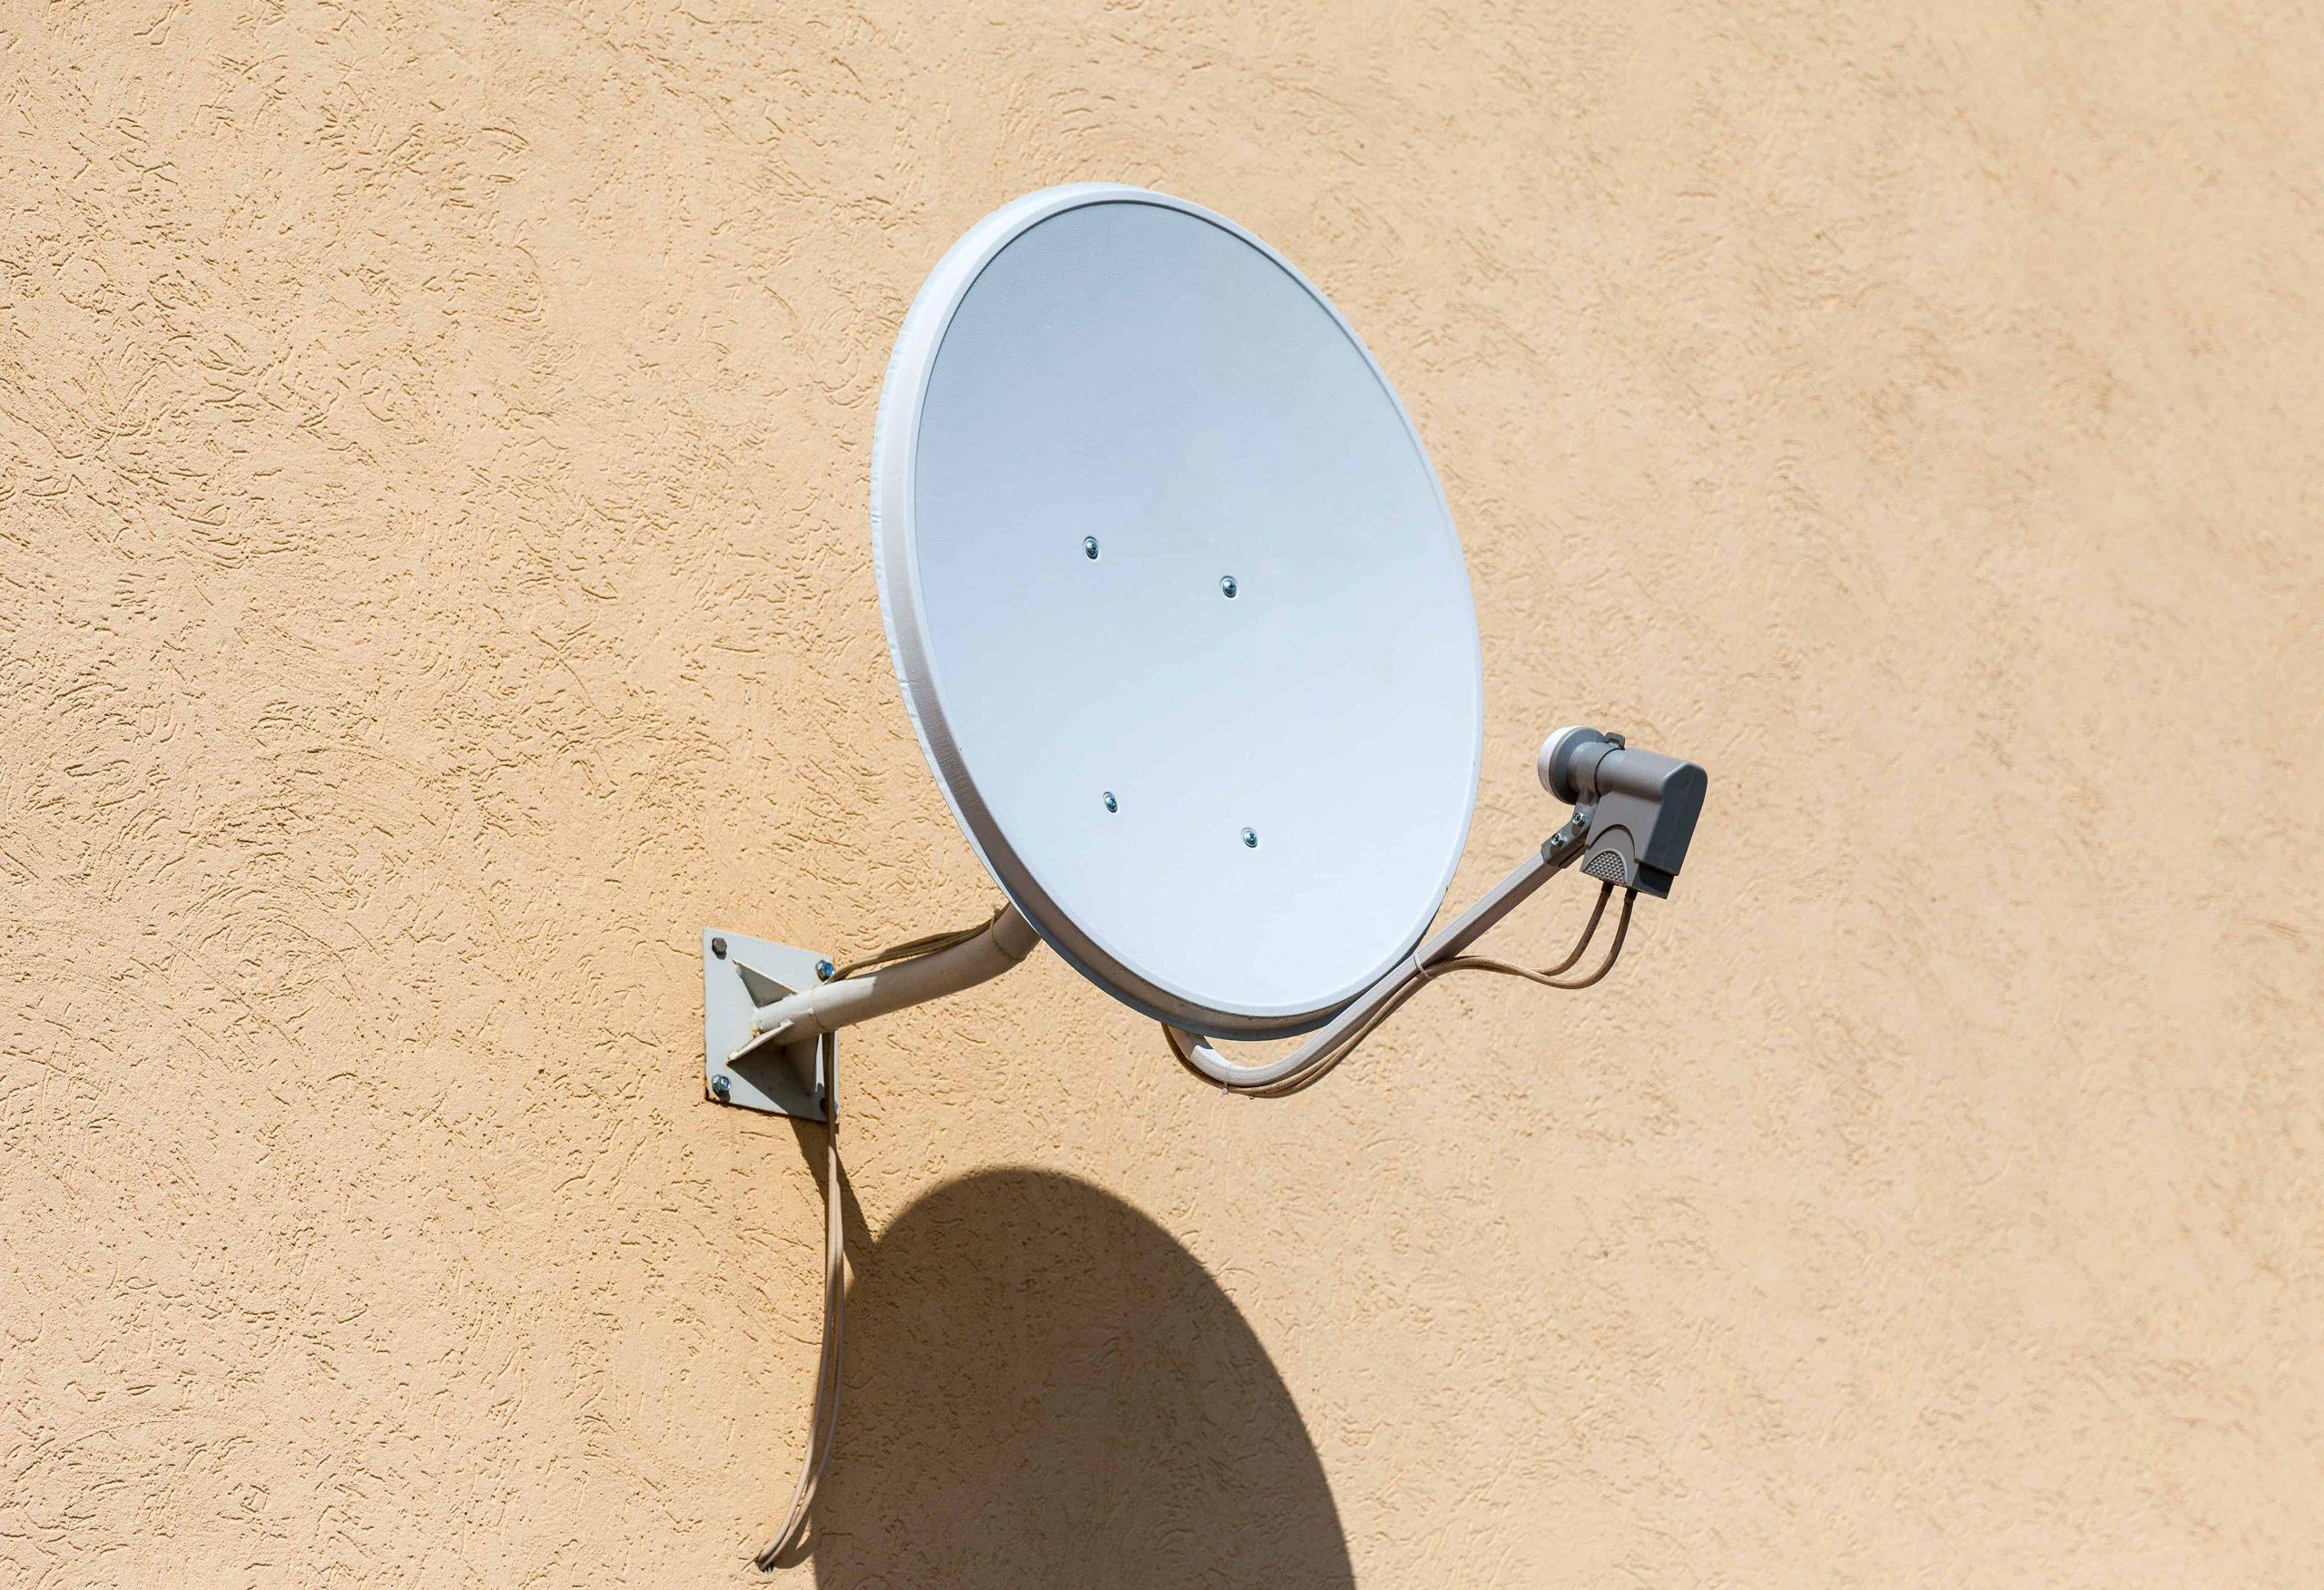 Miglior antenna parabolica 2021: Guida all'acquisto